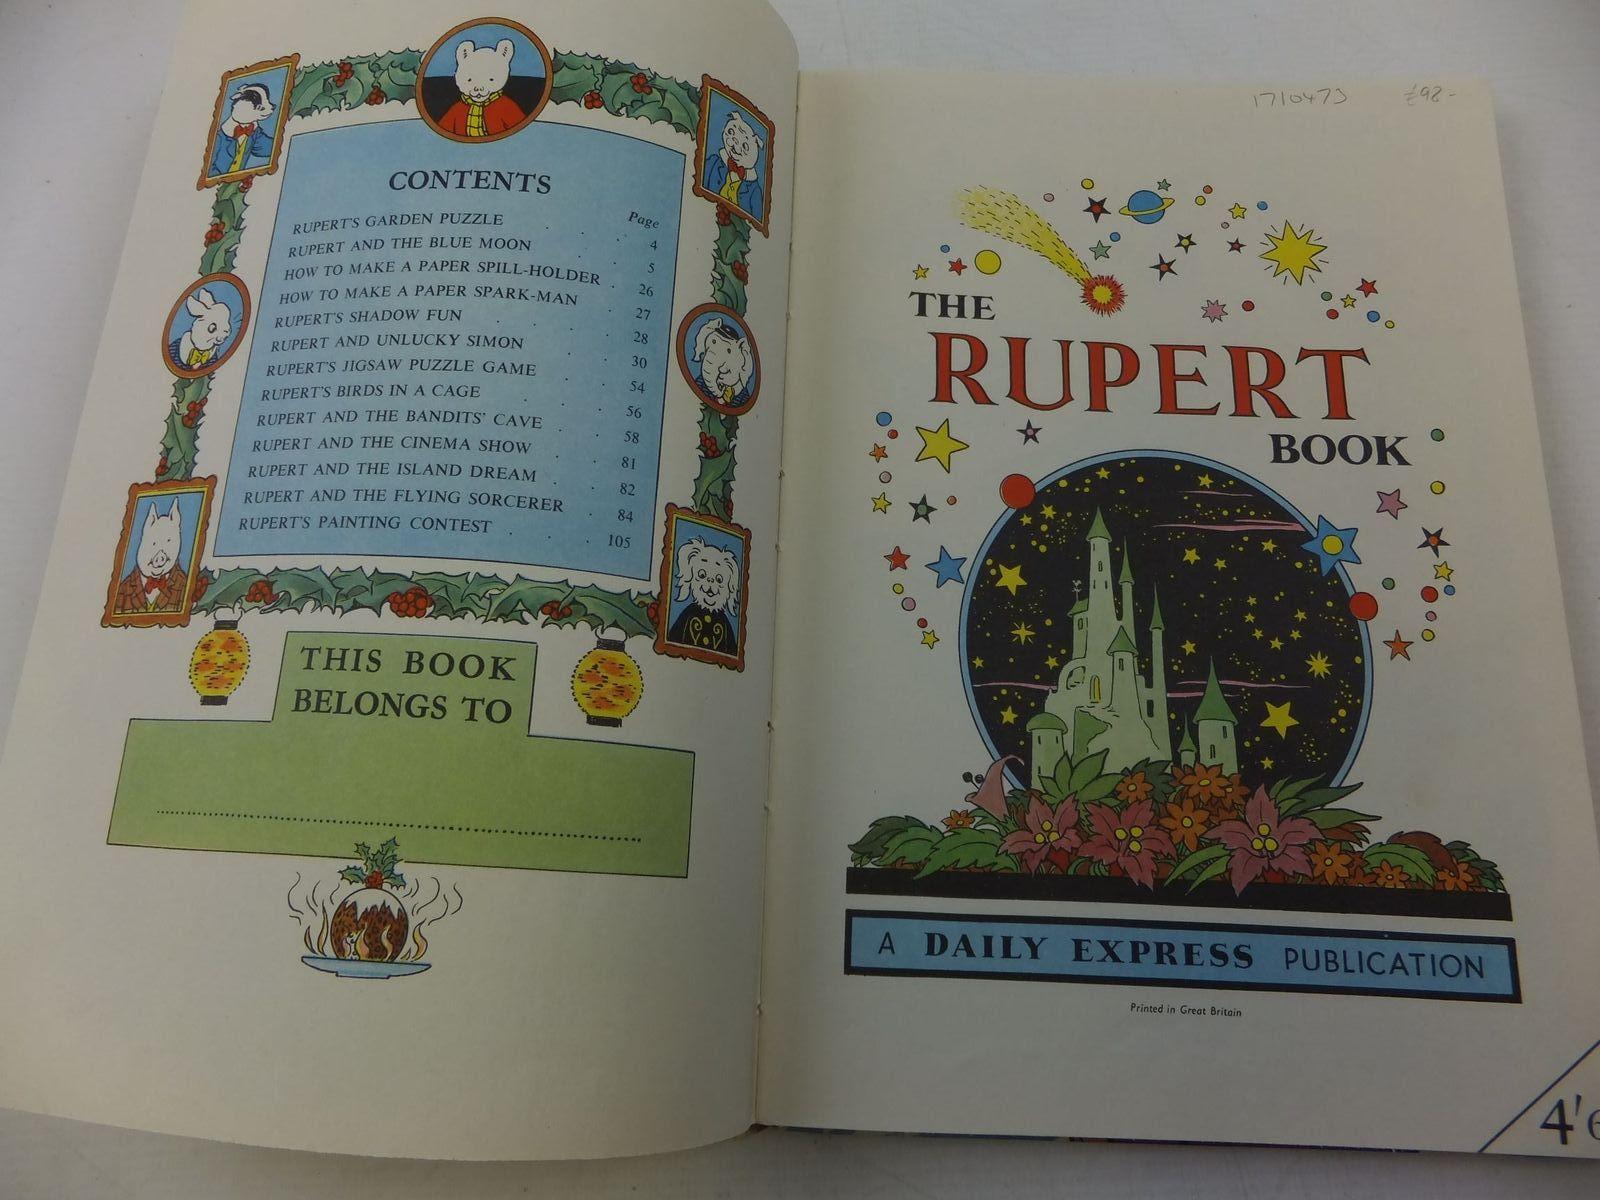 RUPERT ANNUAL 1956 - THE RUPERT BOOK written by Bestall